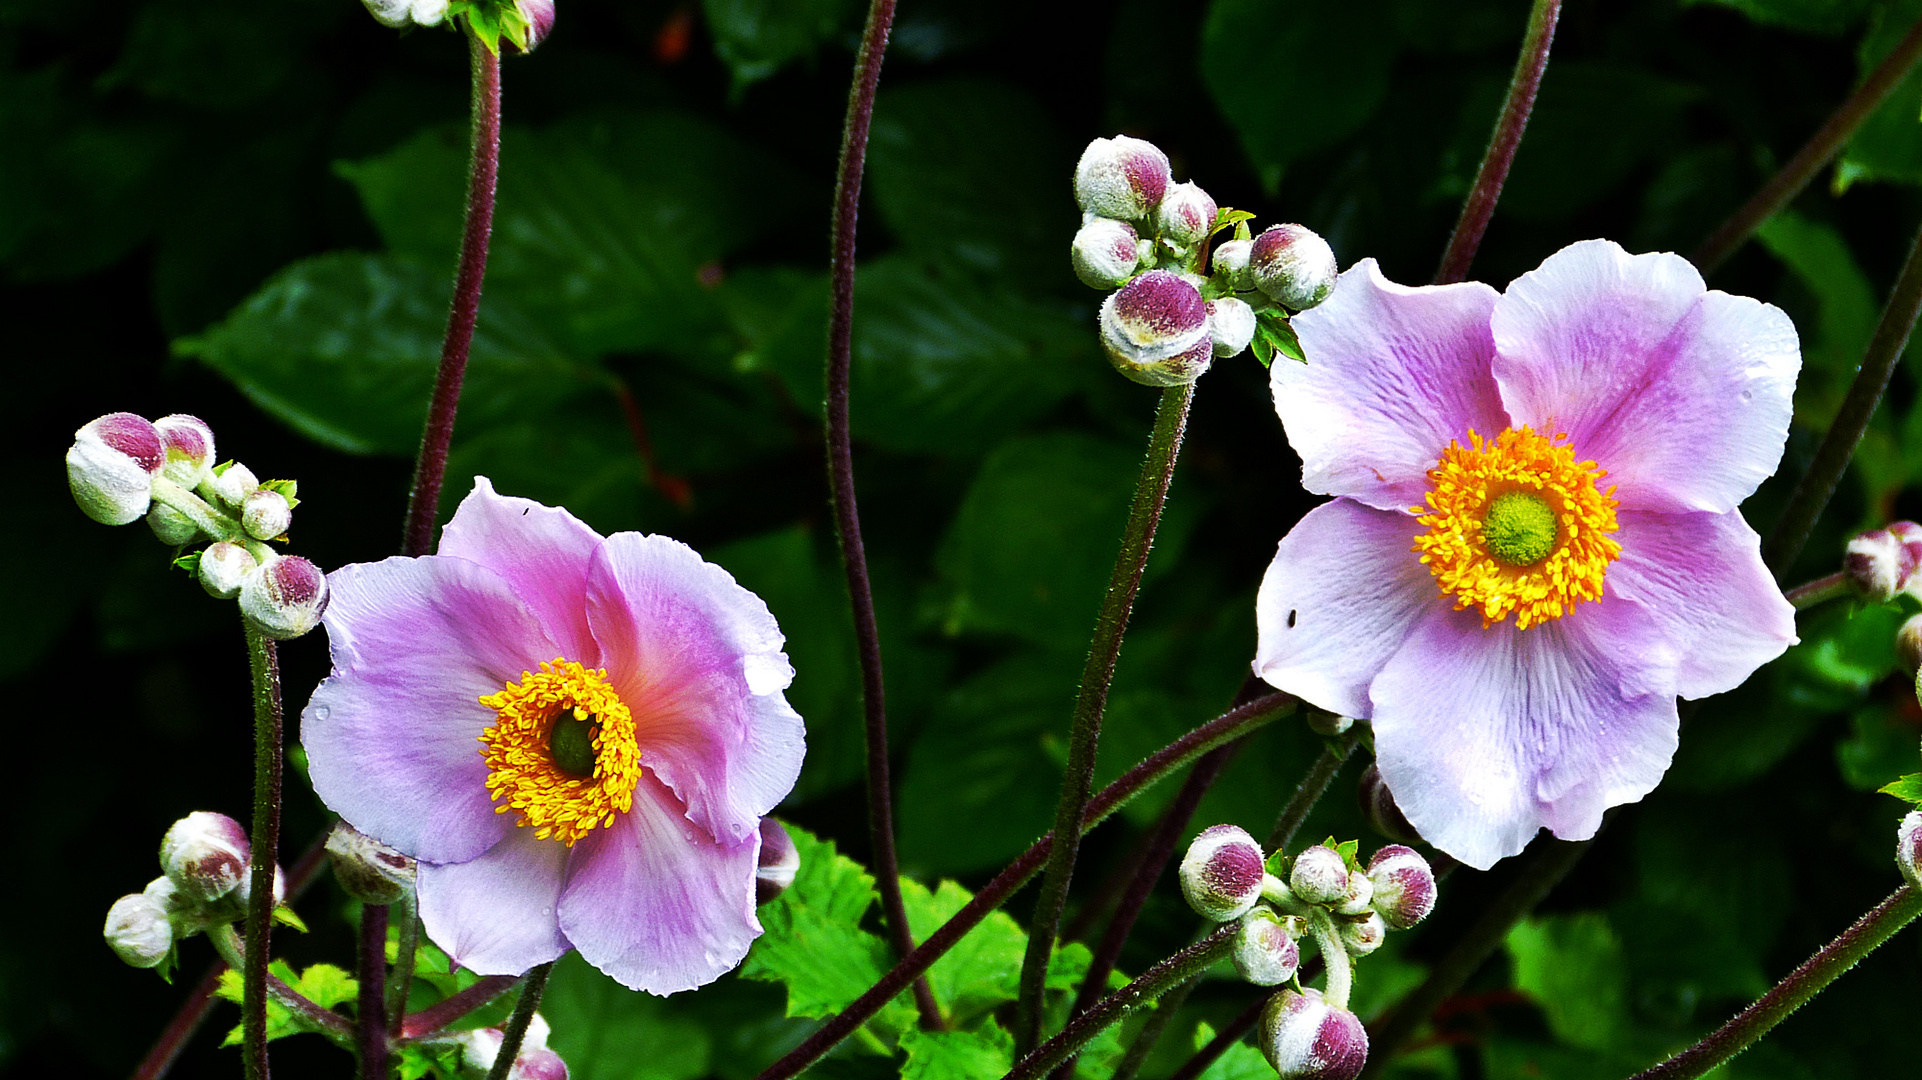 Herbst Anemonen Foto Bild Pflanzen Pilze Flechten Bluten